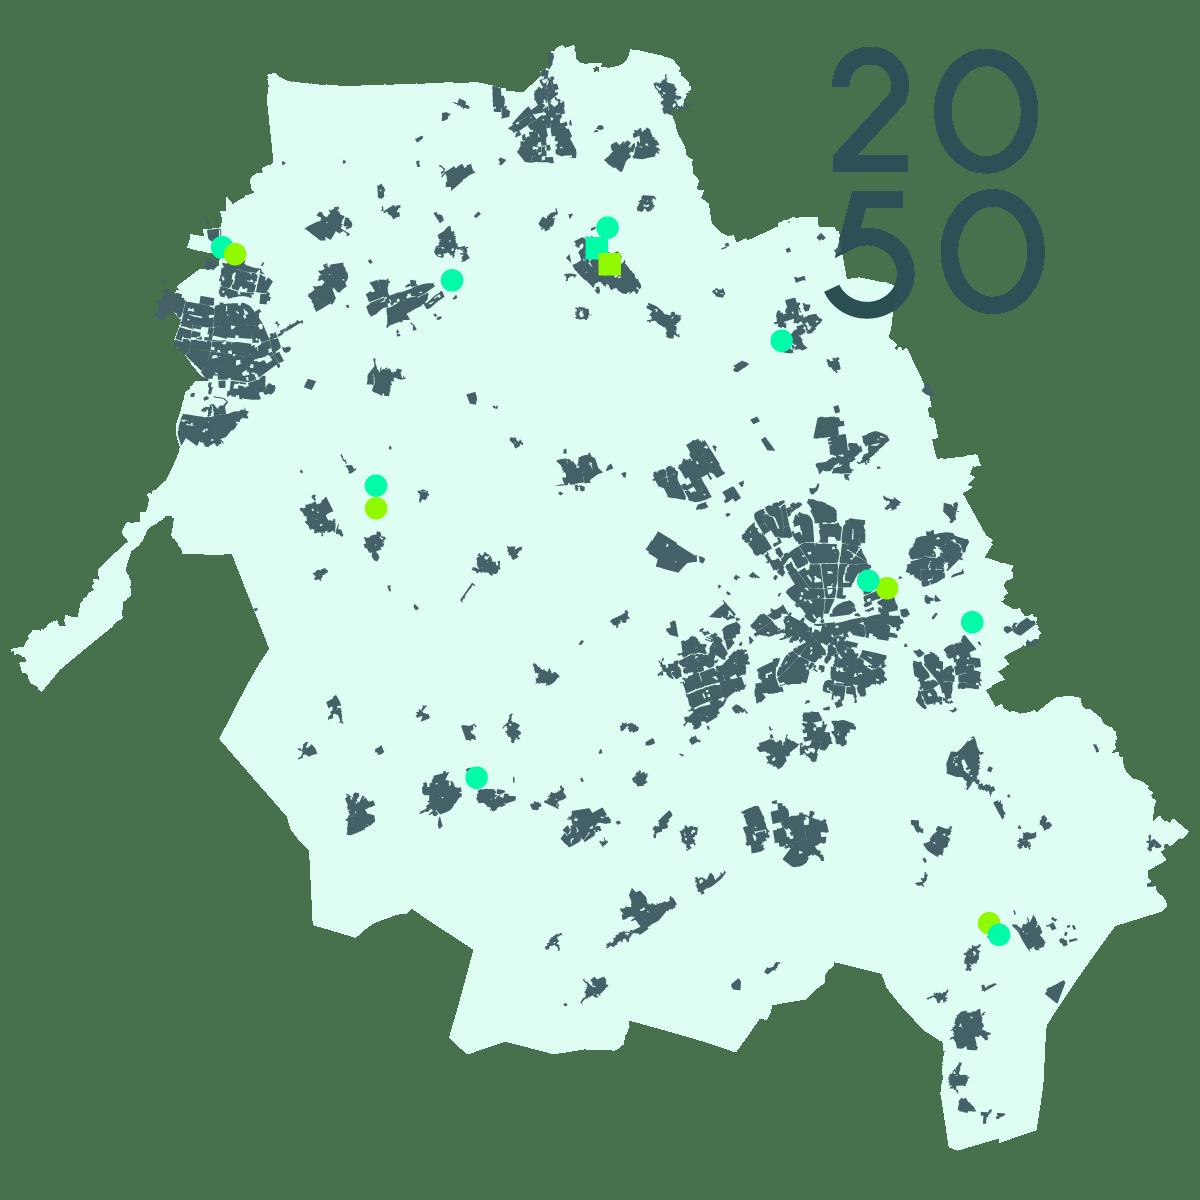 waterschapsworm-2050